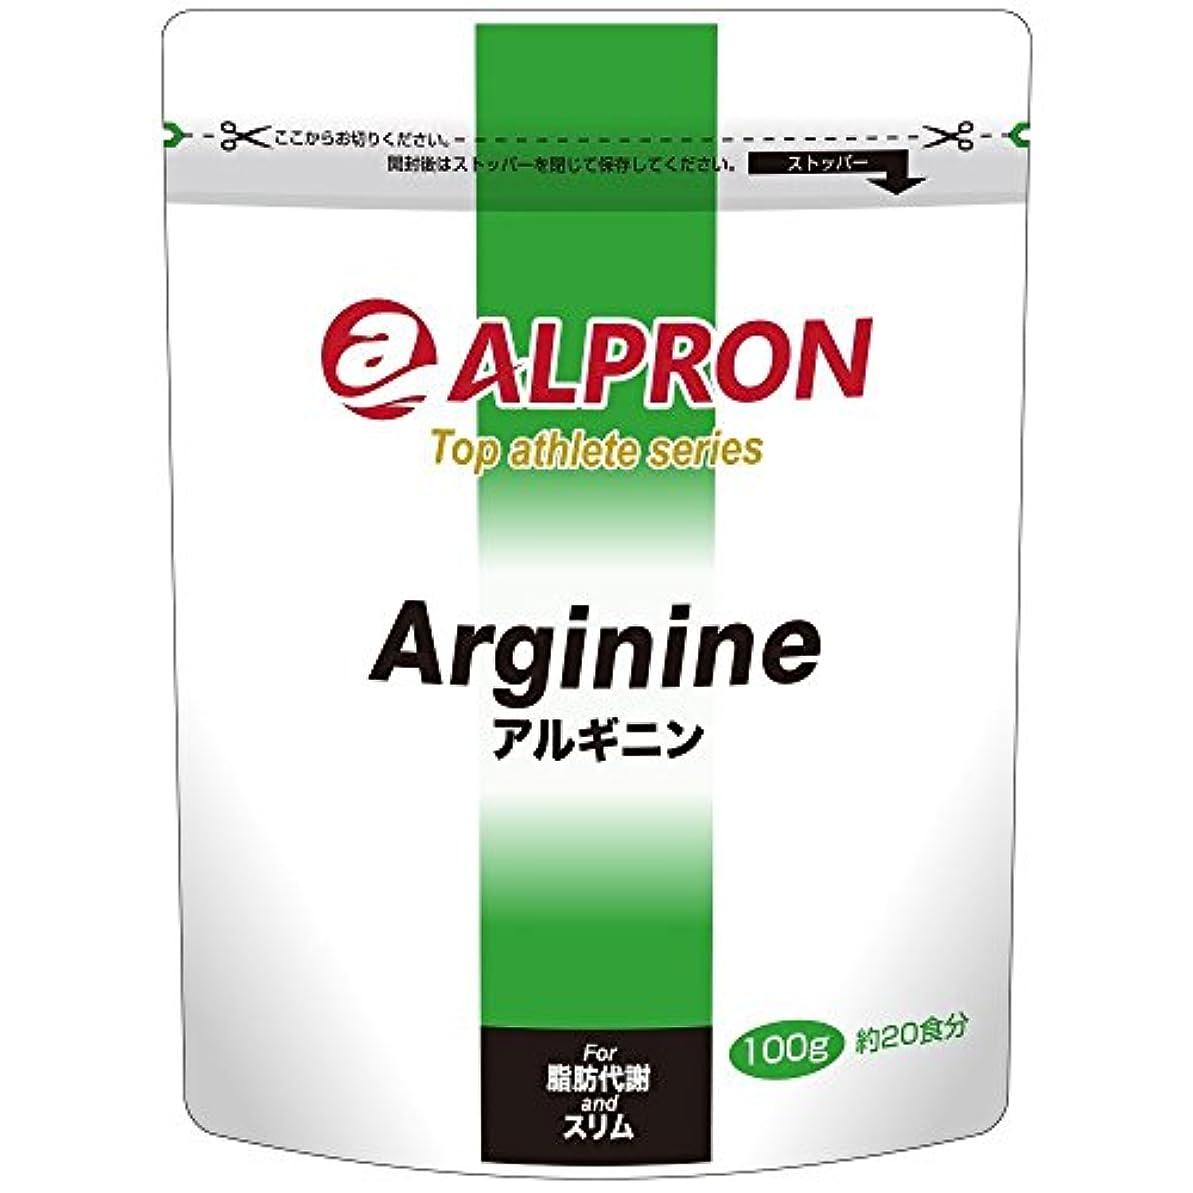 観察する発送振りかけるアルプロン -ALPRON- アルギニン(100g)